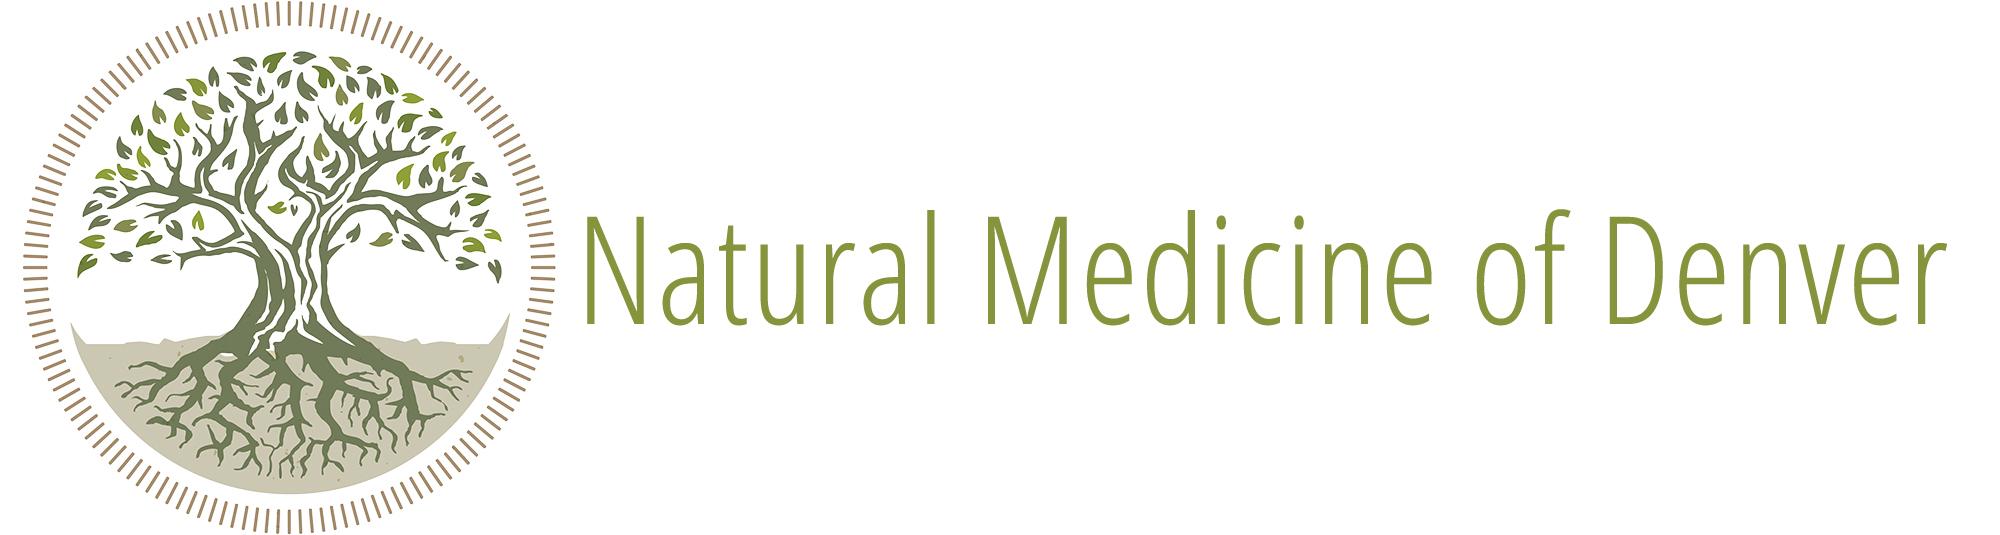 Natural Medicine of Denver